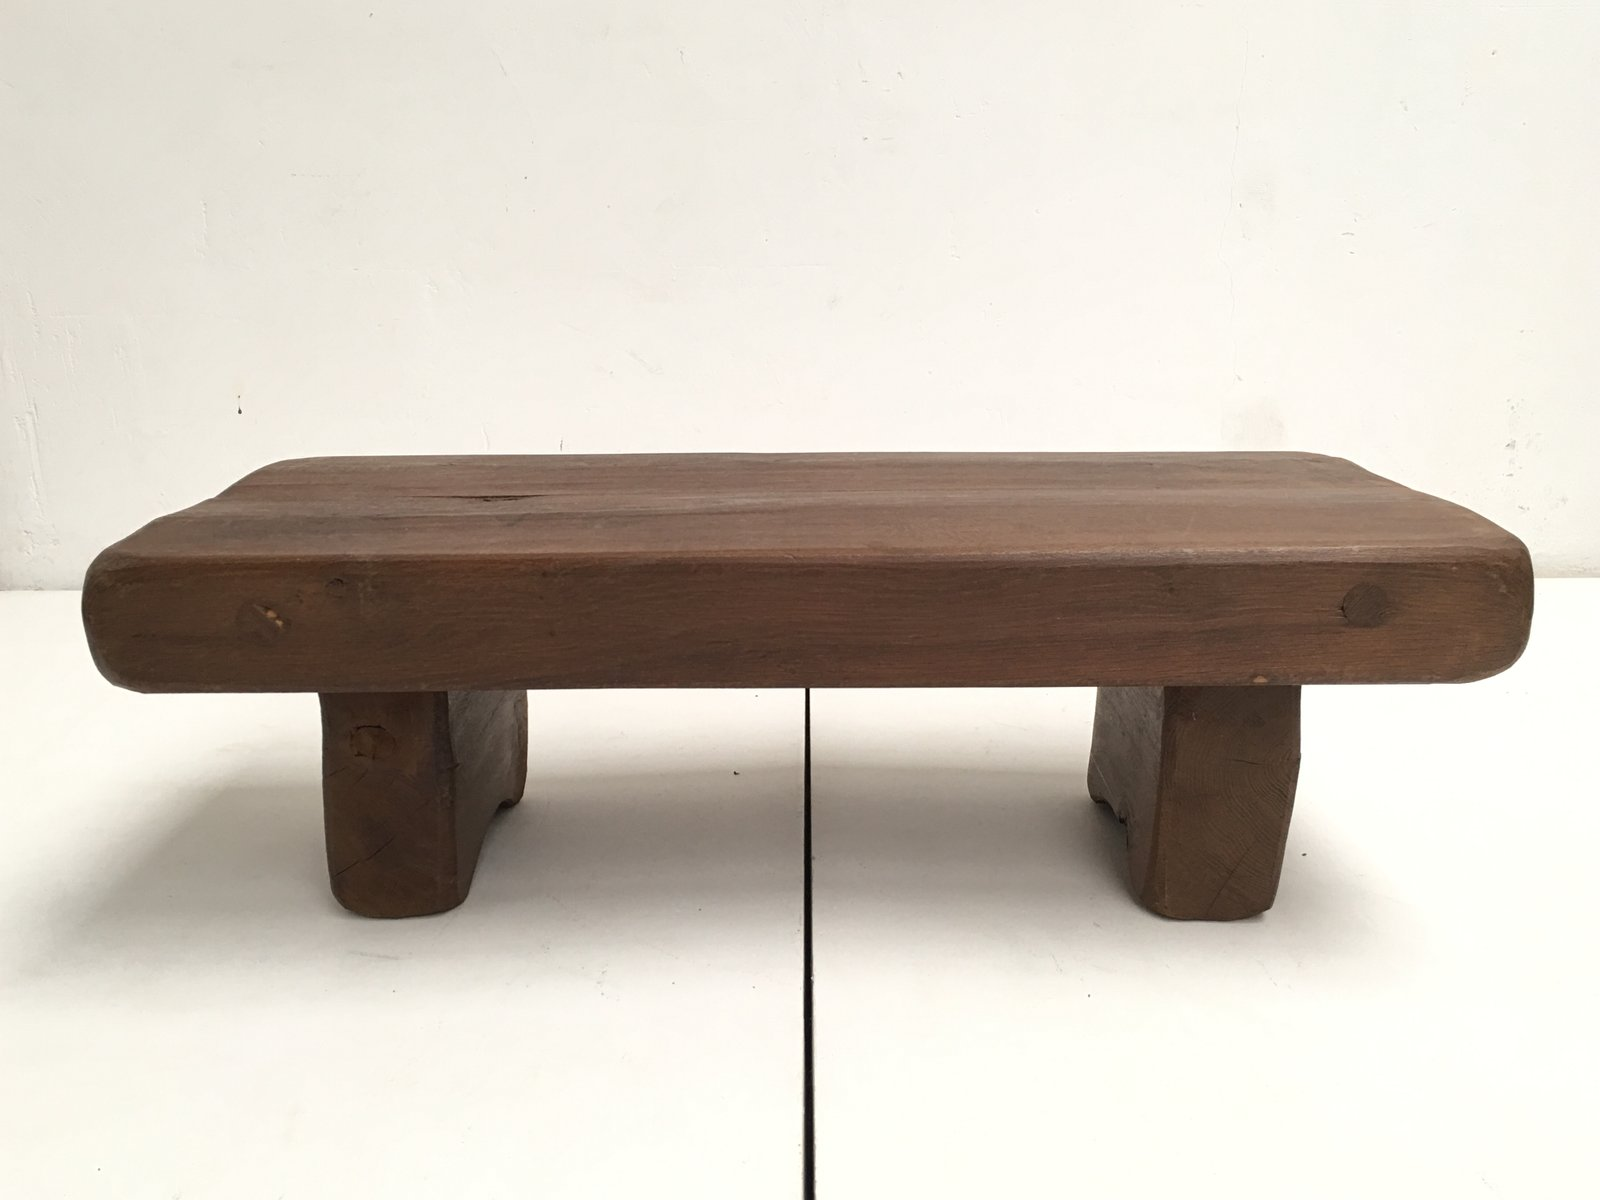 table basse rustique en ch ne massif france en vente sur. Black Bedroom Furniture Sets. Home Design Ideas